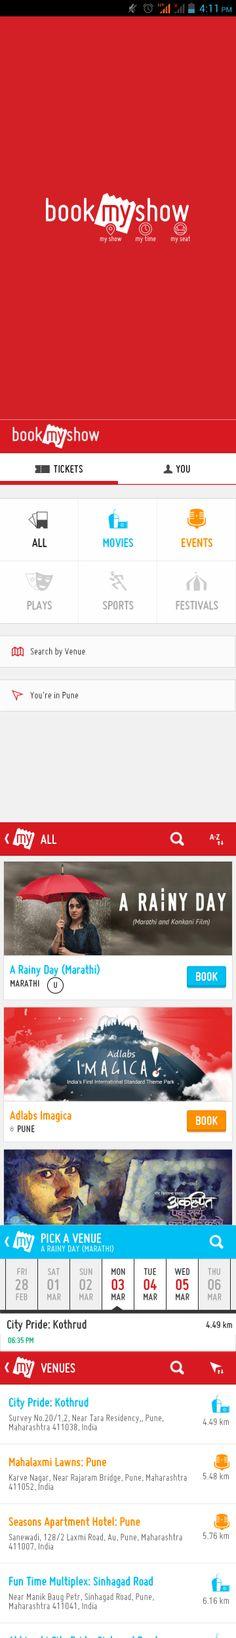 #android #UI #UX #design #flat #app #bookmyshow